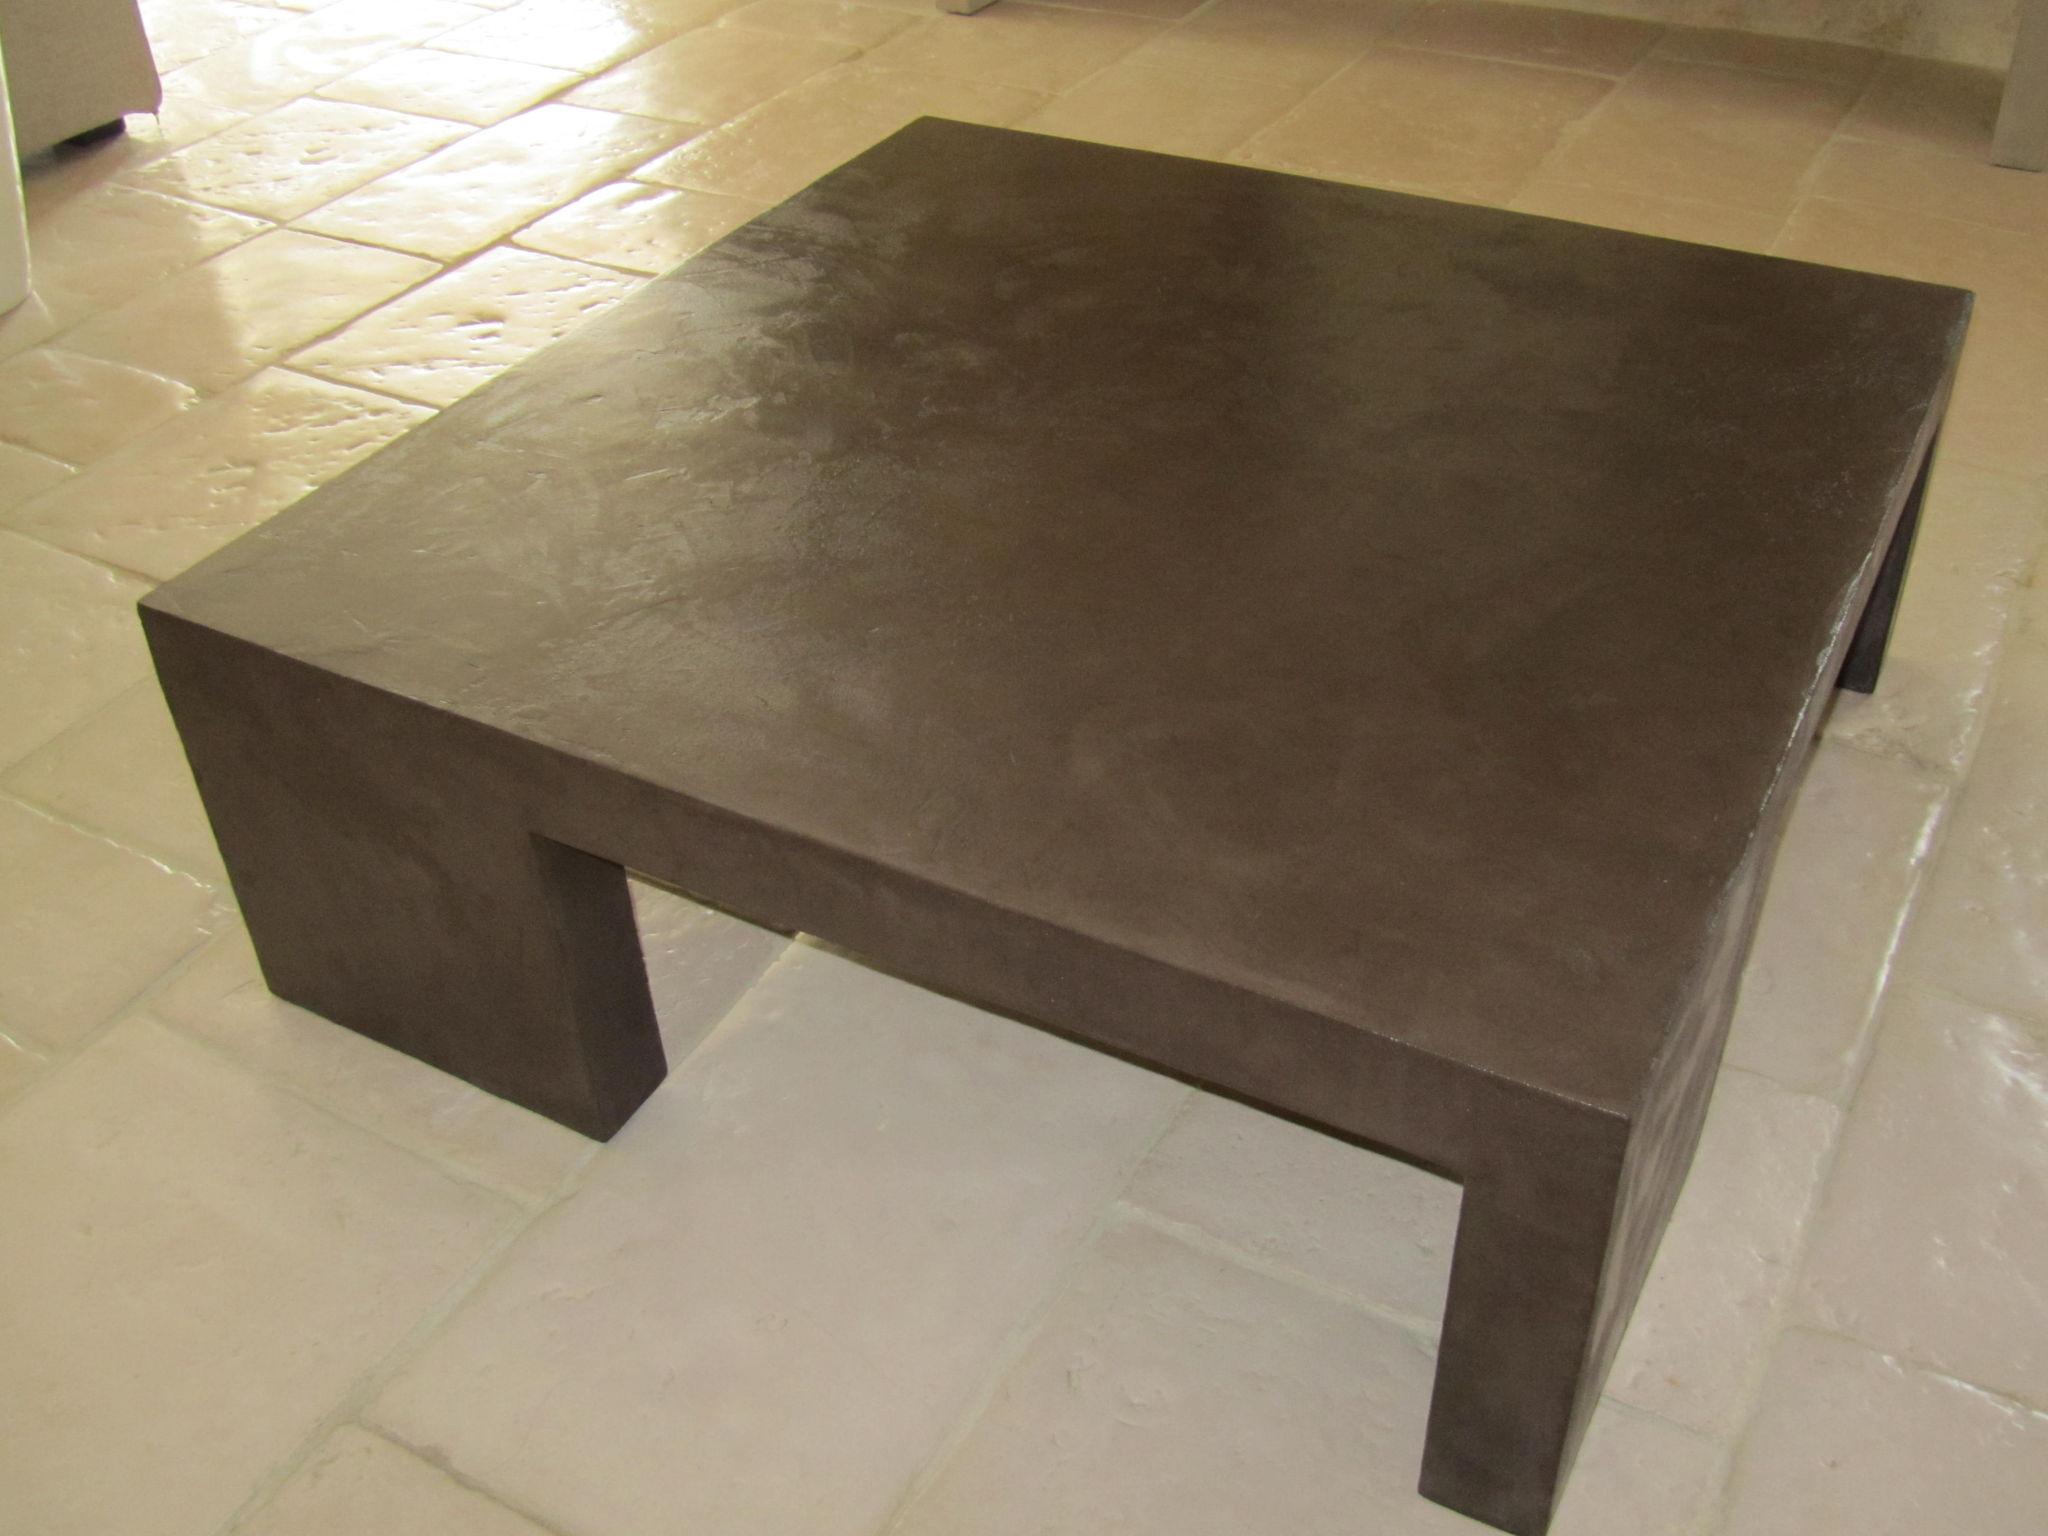 Table Beton Cire dedans table de salon en beton cire- - photo de beton cire - le mobilier